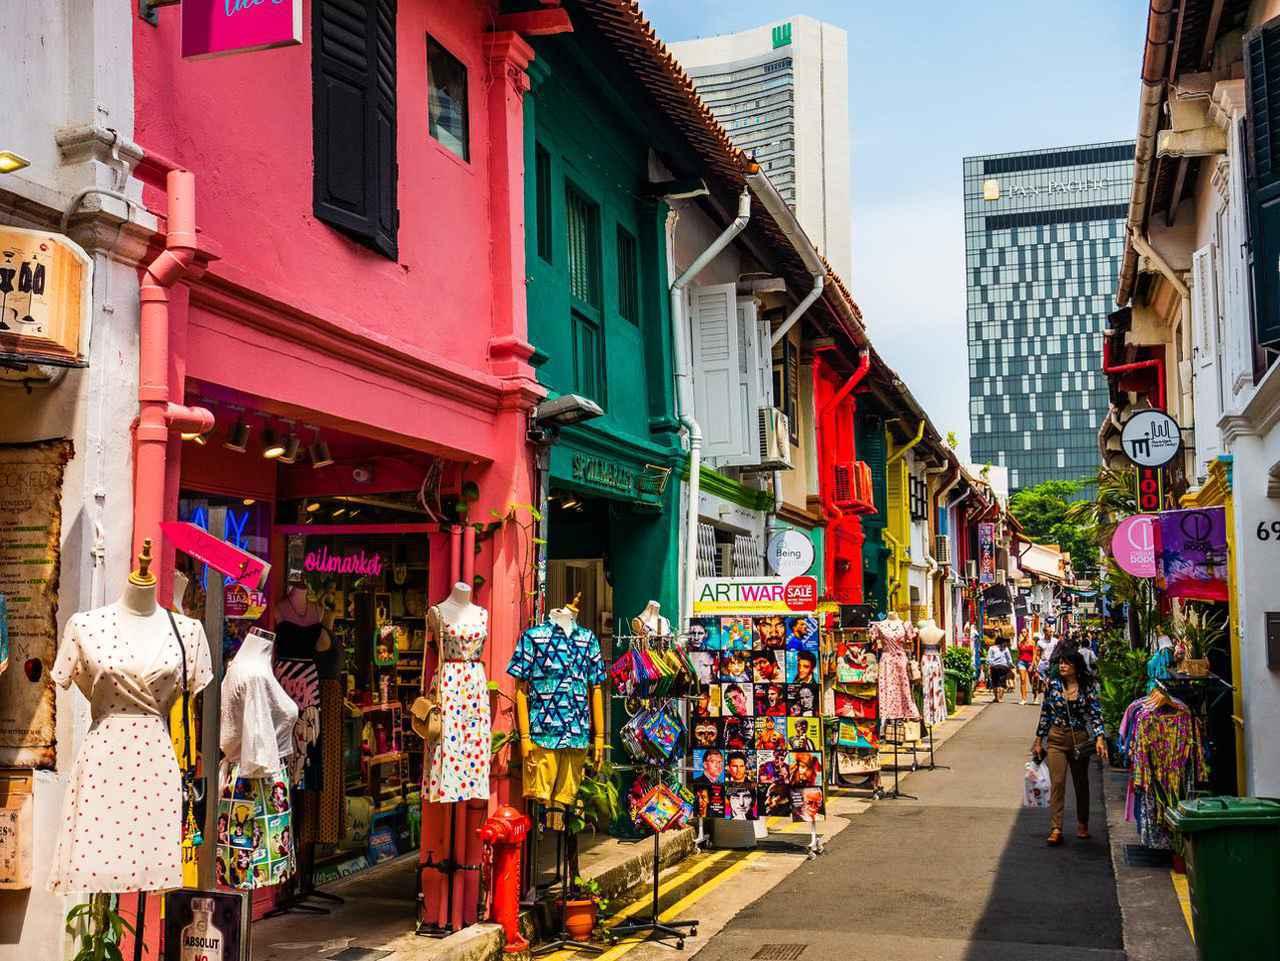 画像: カラフルなハジ・レーンの通りは撮影スポットとしても人気 Lu Nhat Thuyen / Shutterstock.com